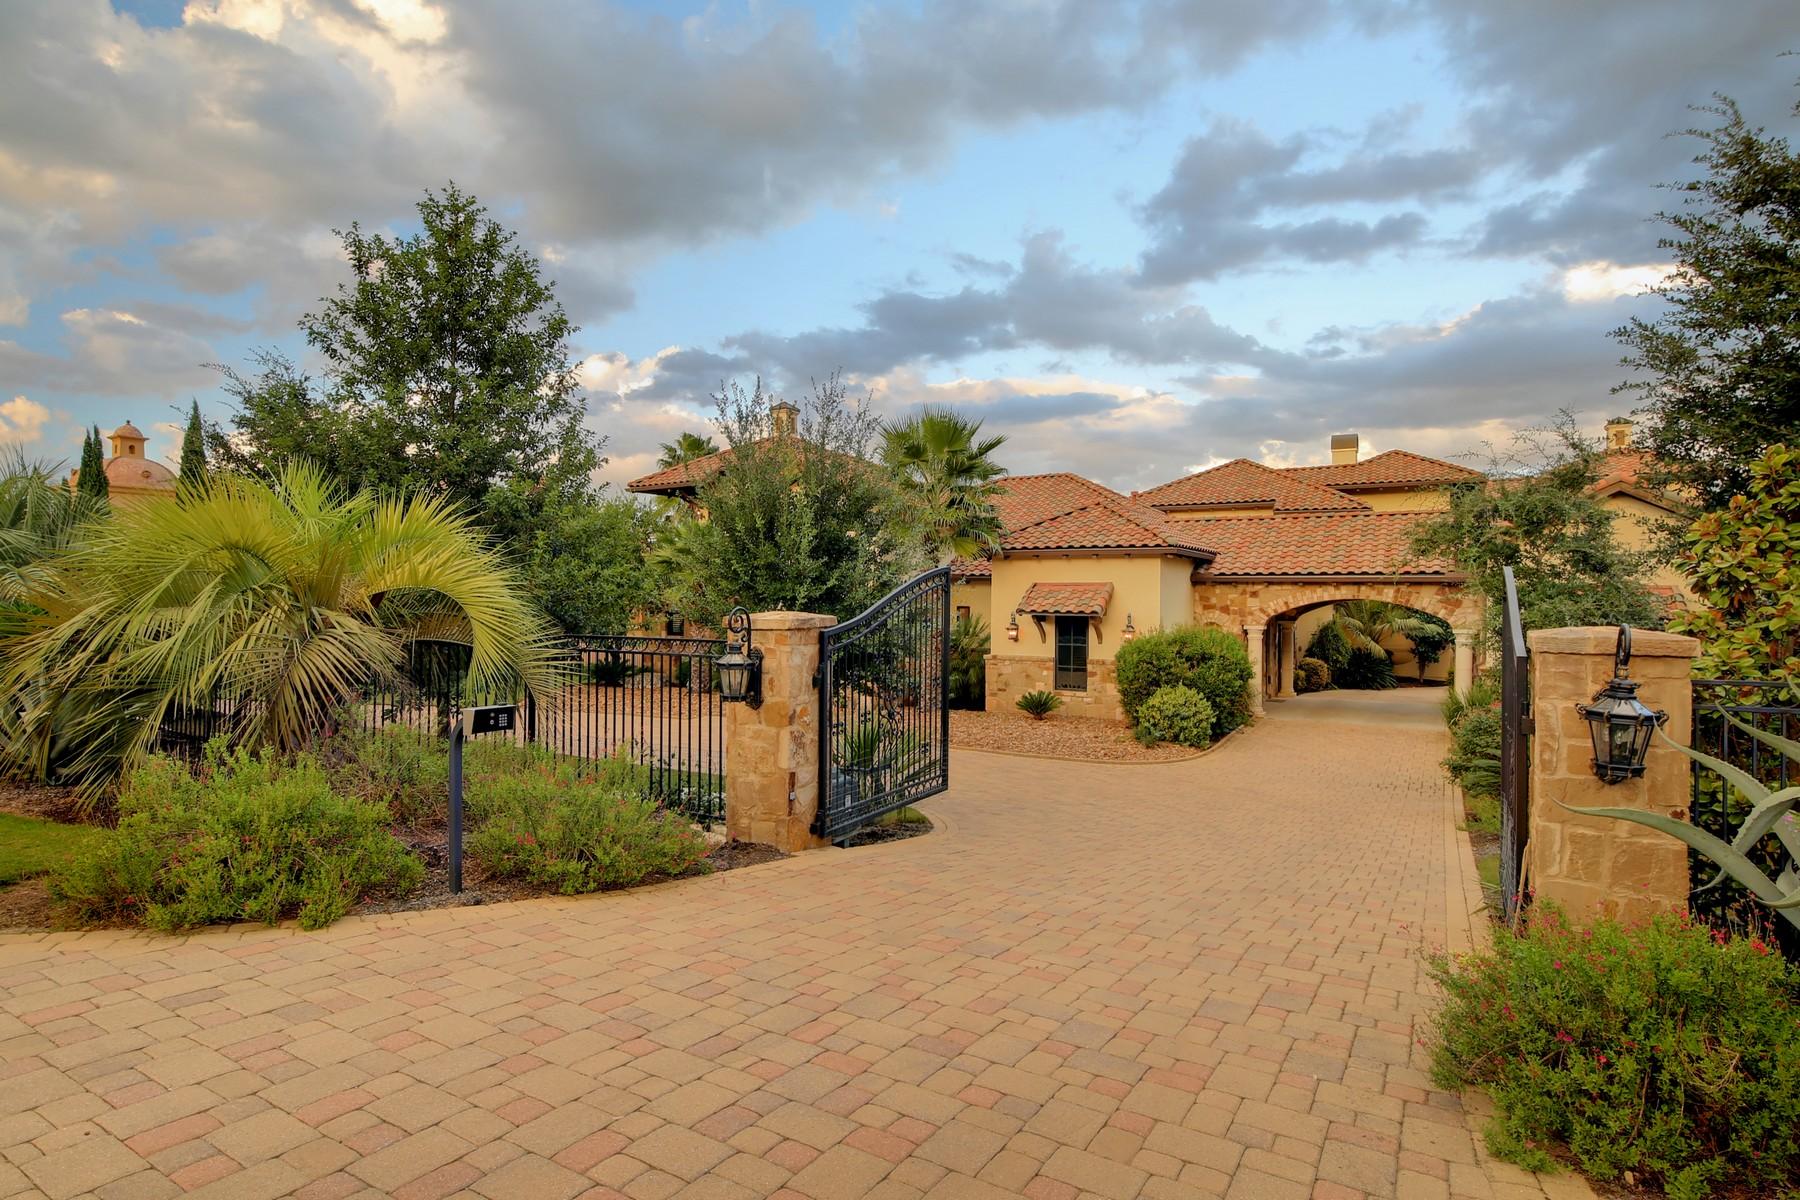 独户住宅 为 销售 在 Mediterranean Villa with Sweeping Views 9113 Camelback Dr 奥斯丁, 得克萨斯州, 78733 美国